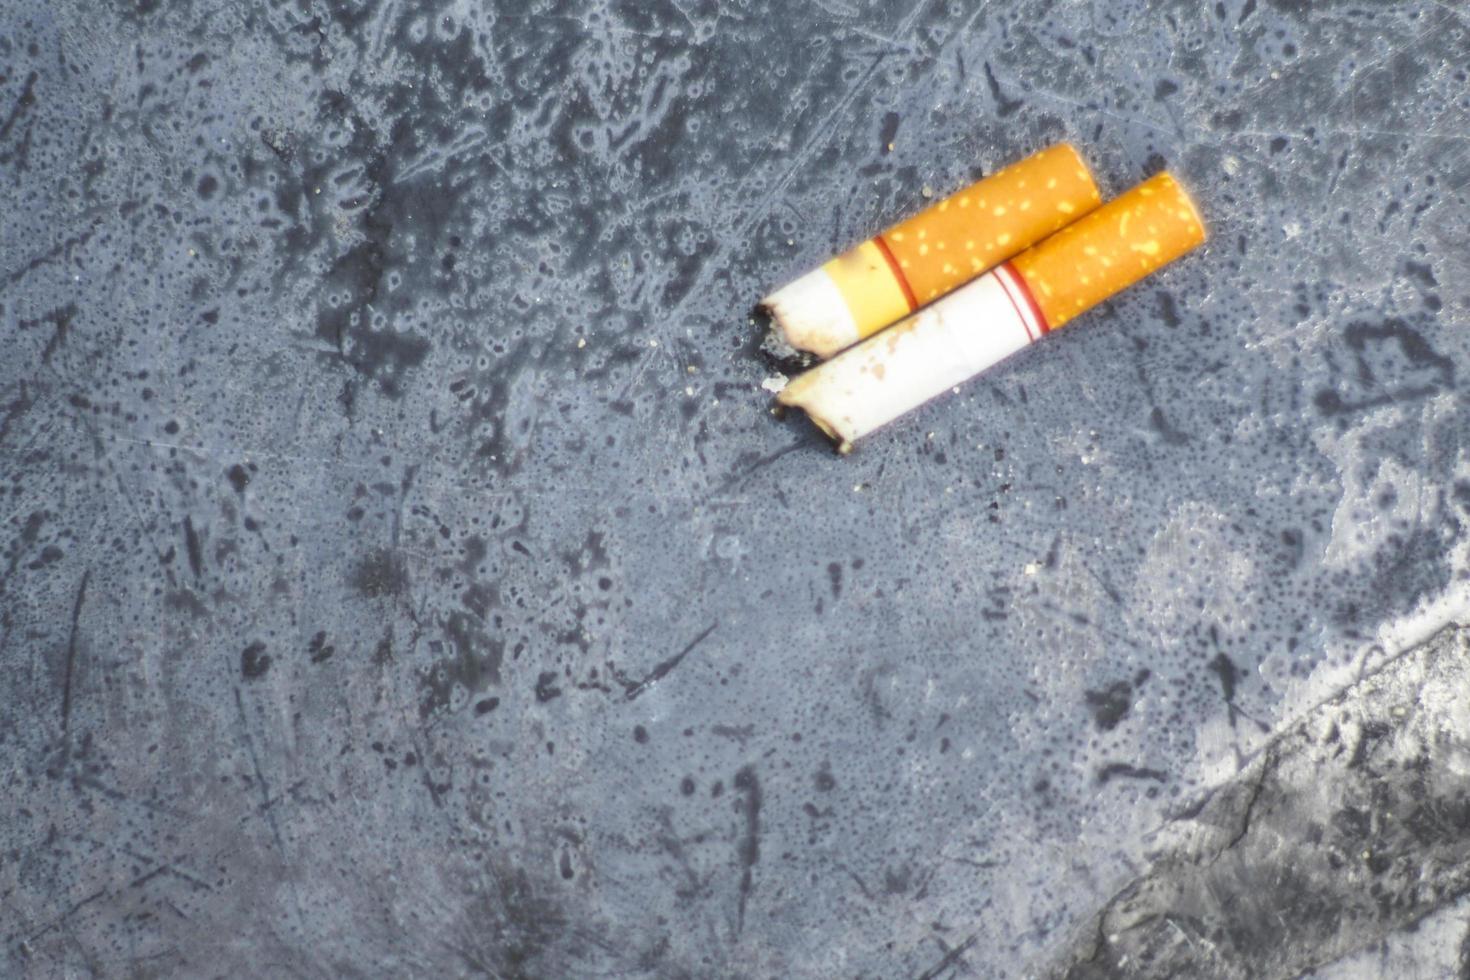 sigarettenknoppen op de grond foto